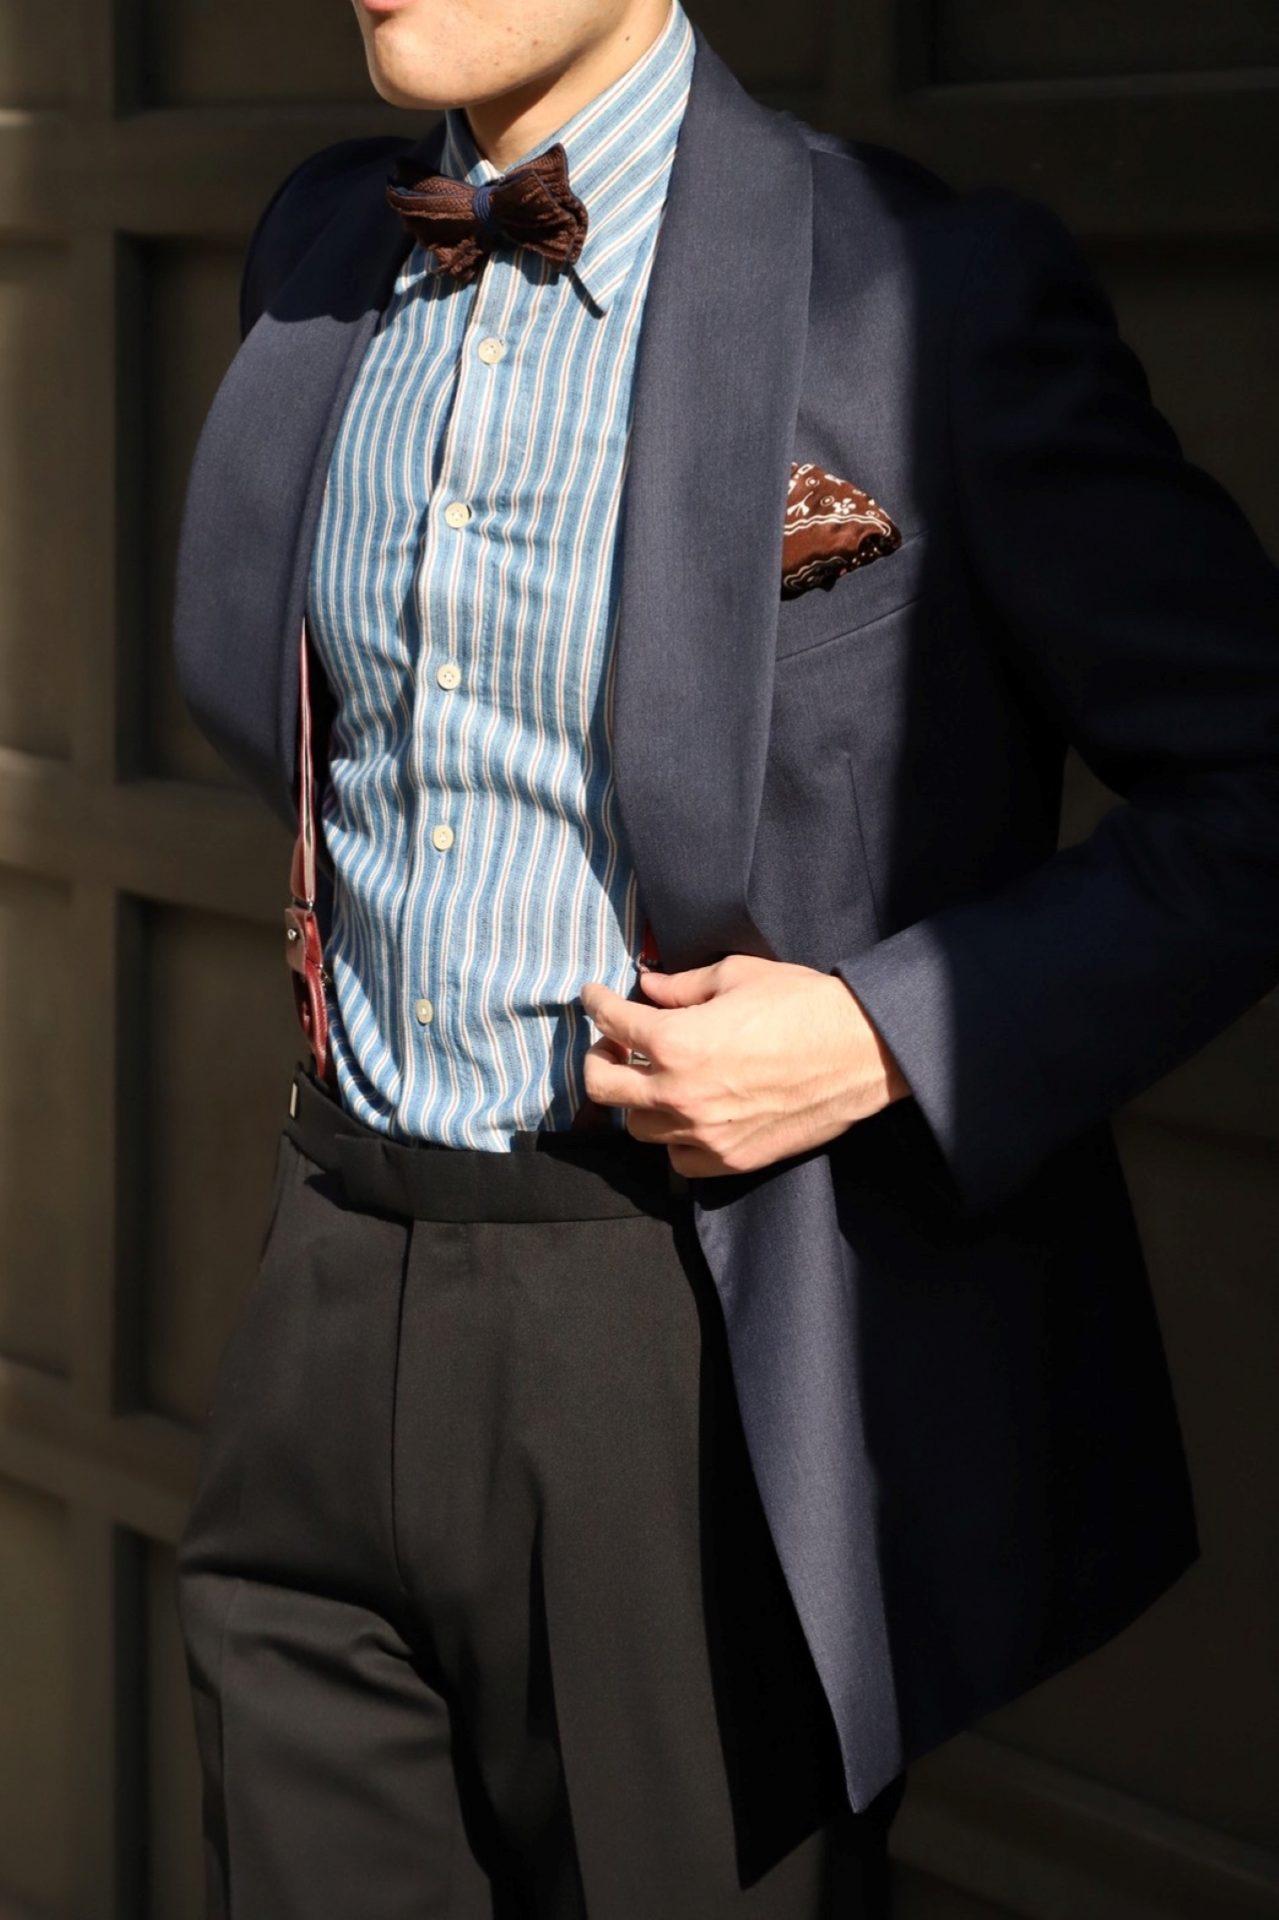 ハンドレッドハンズ(100HANDS)のネイビーのシャツはトリート・ジェントルマンが取り扱うハイエンドなタキシードに合うドレスシャツです。